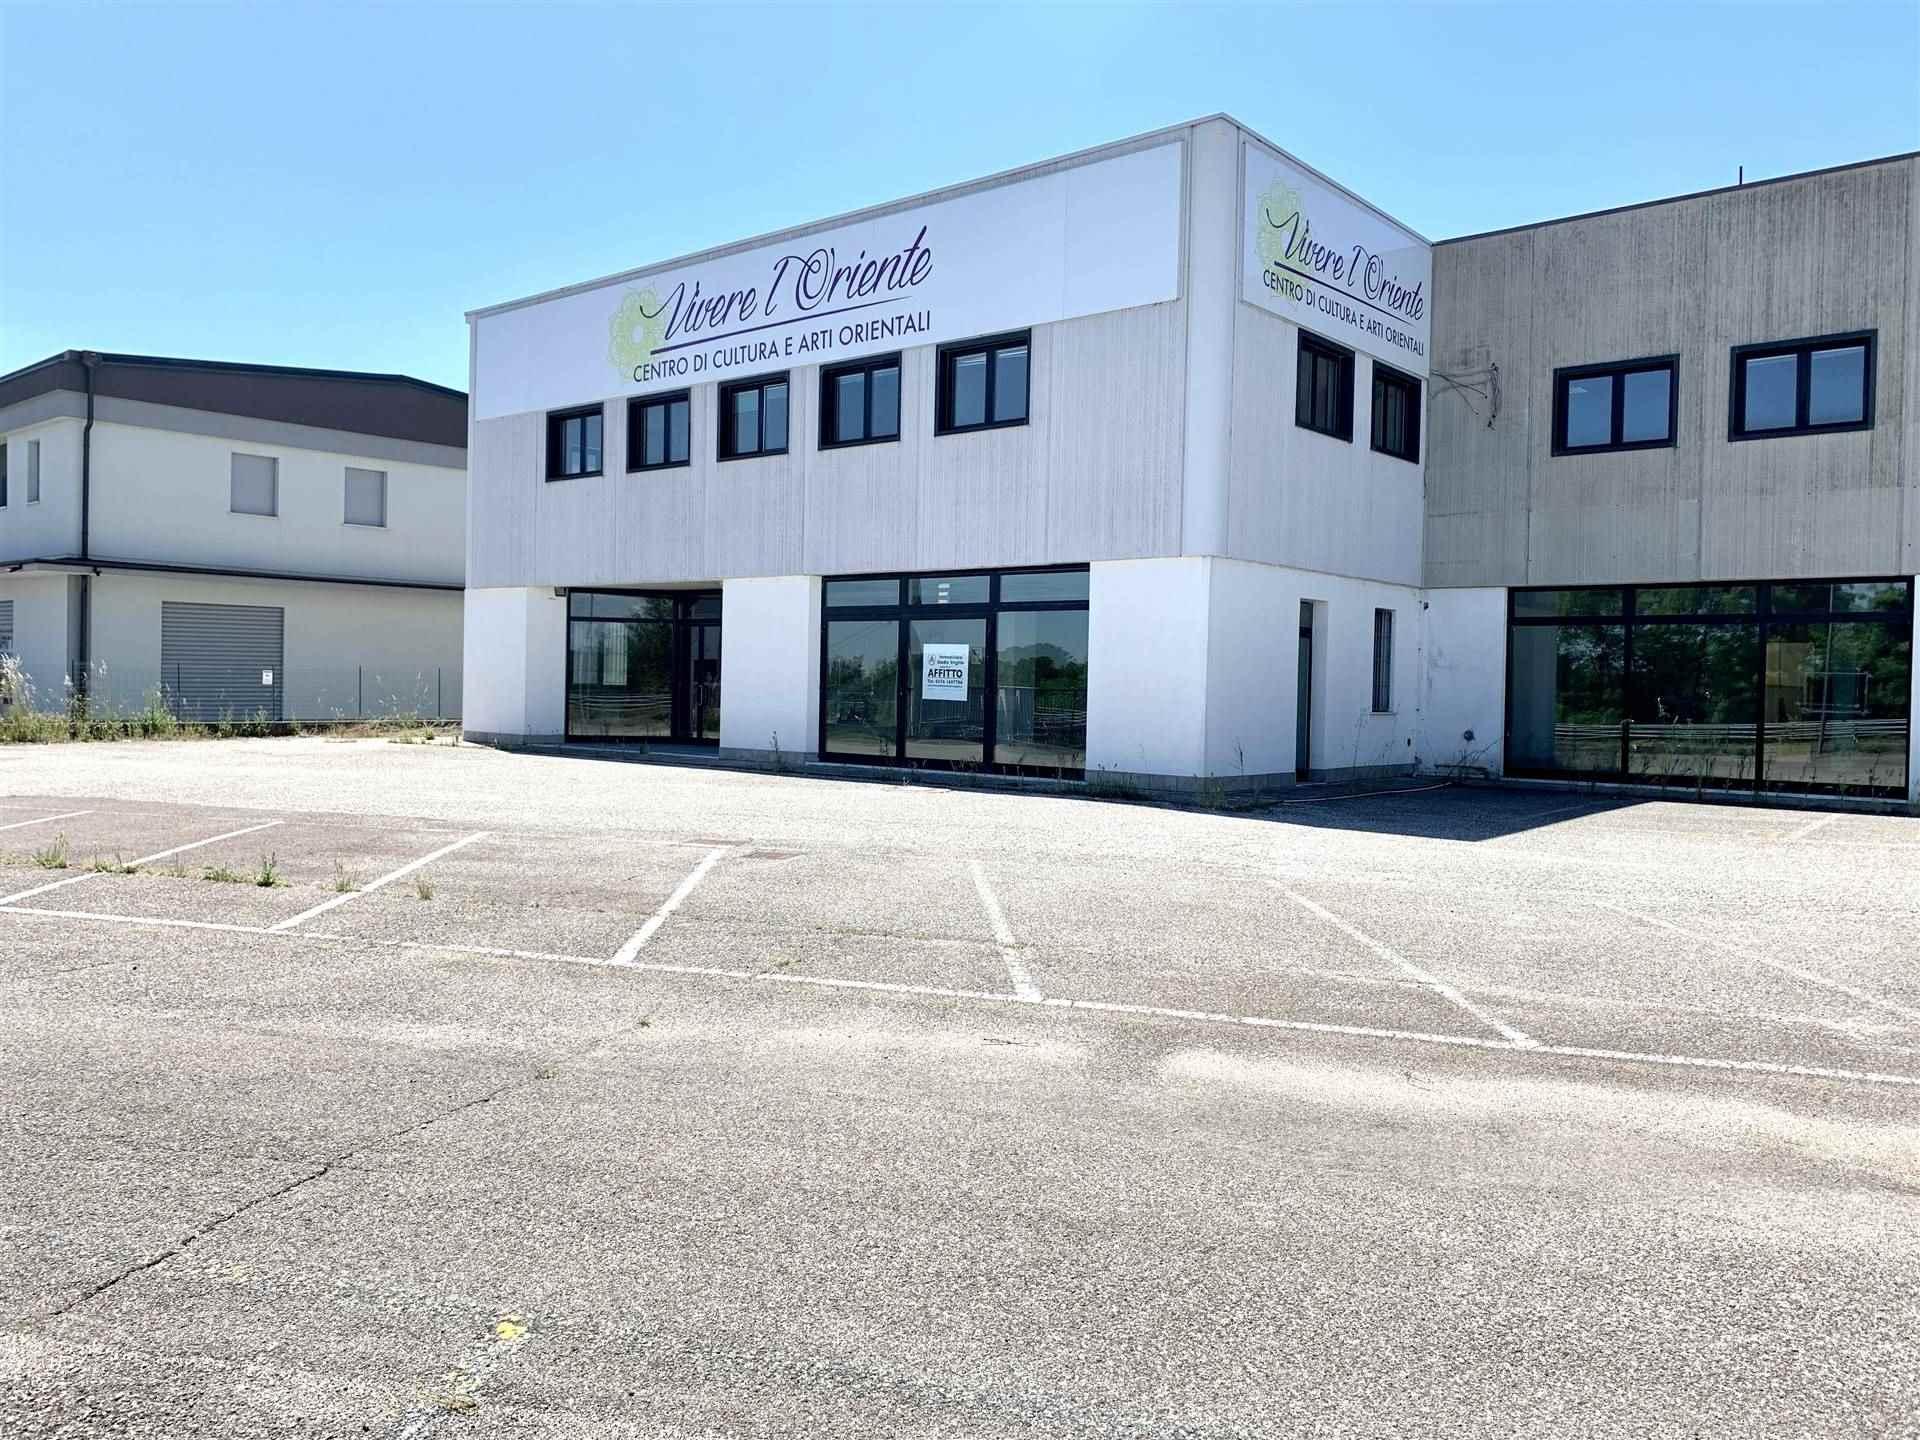 Immobile Commerciale in affitto a Borgo Virgilio, 7 locali, zona Località: CERESE, prezzo € 2.200 | CambioCasa.it